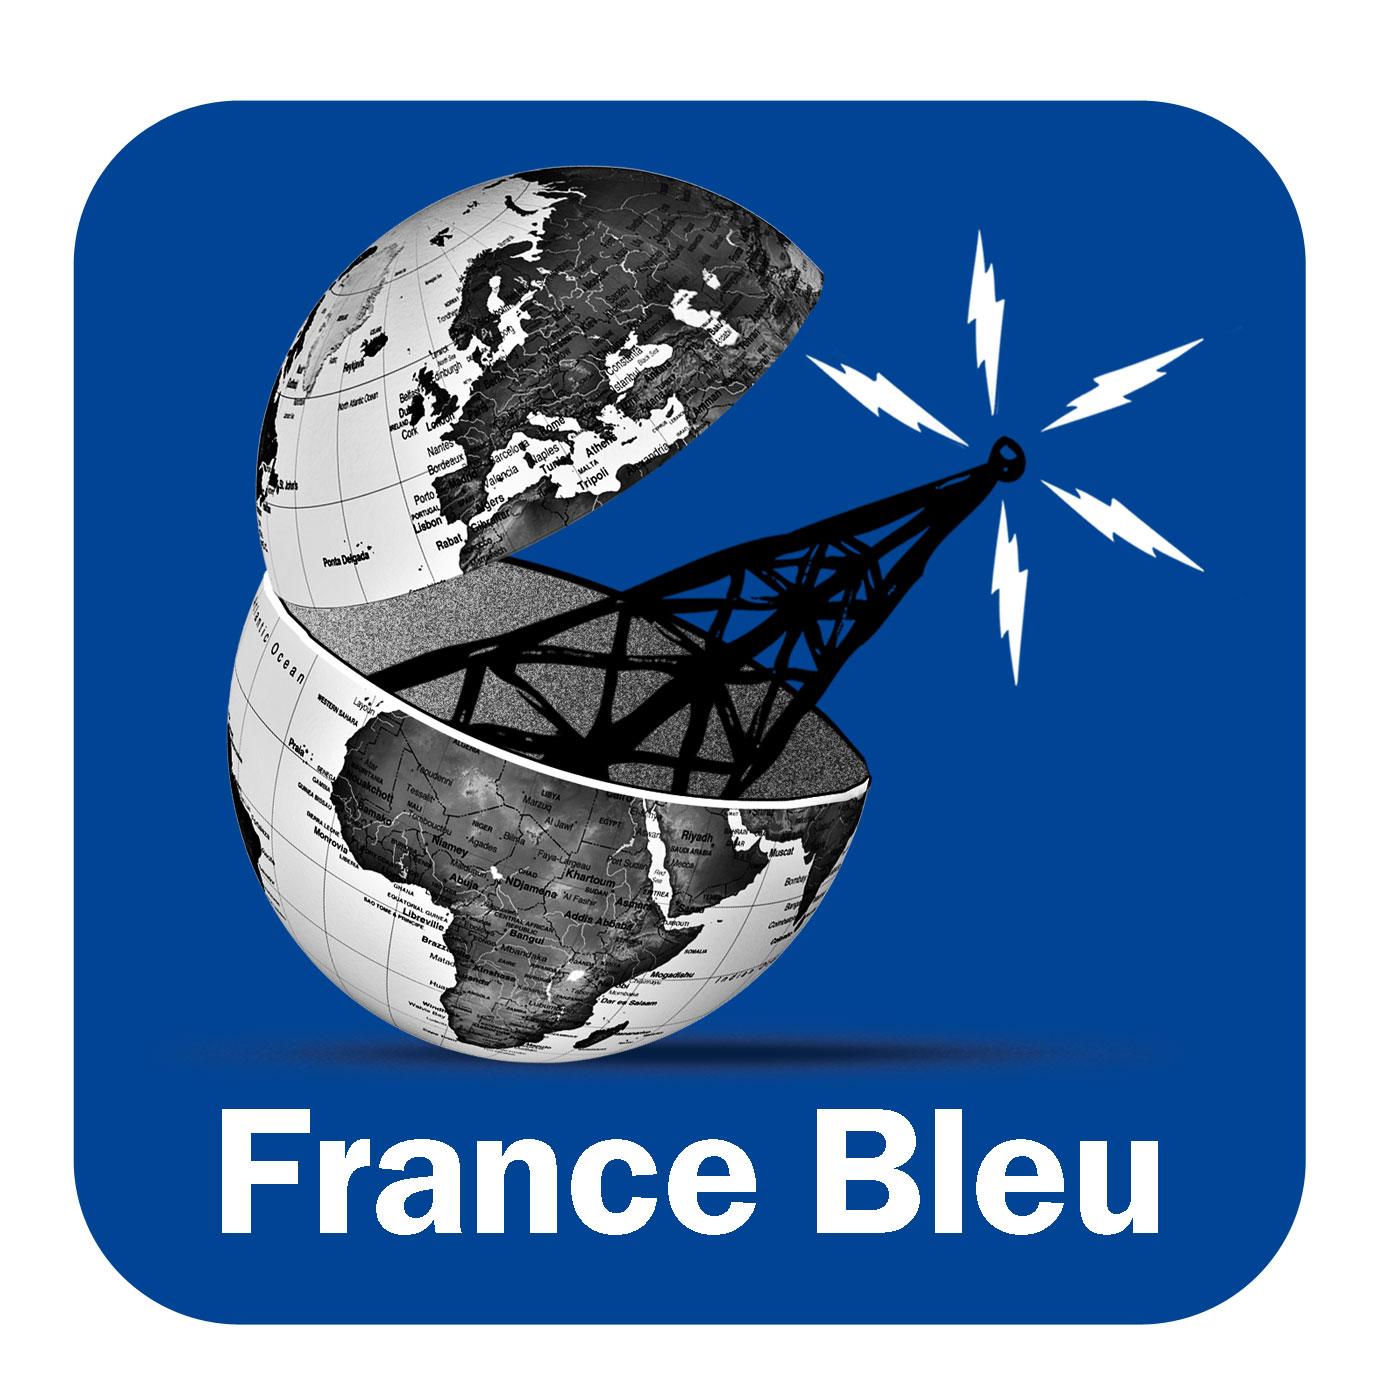 Le journal de France Bleu Orléans